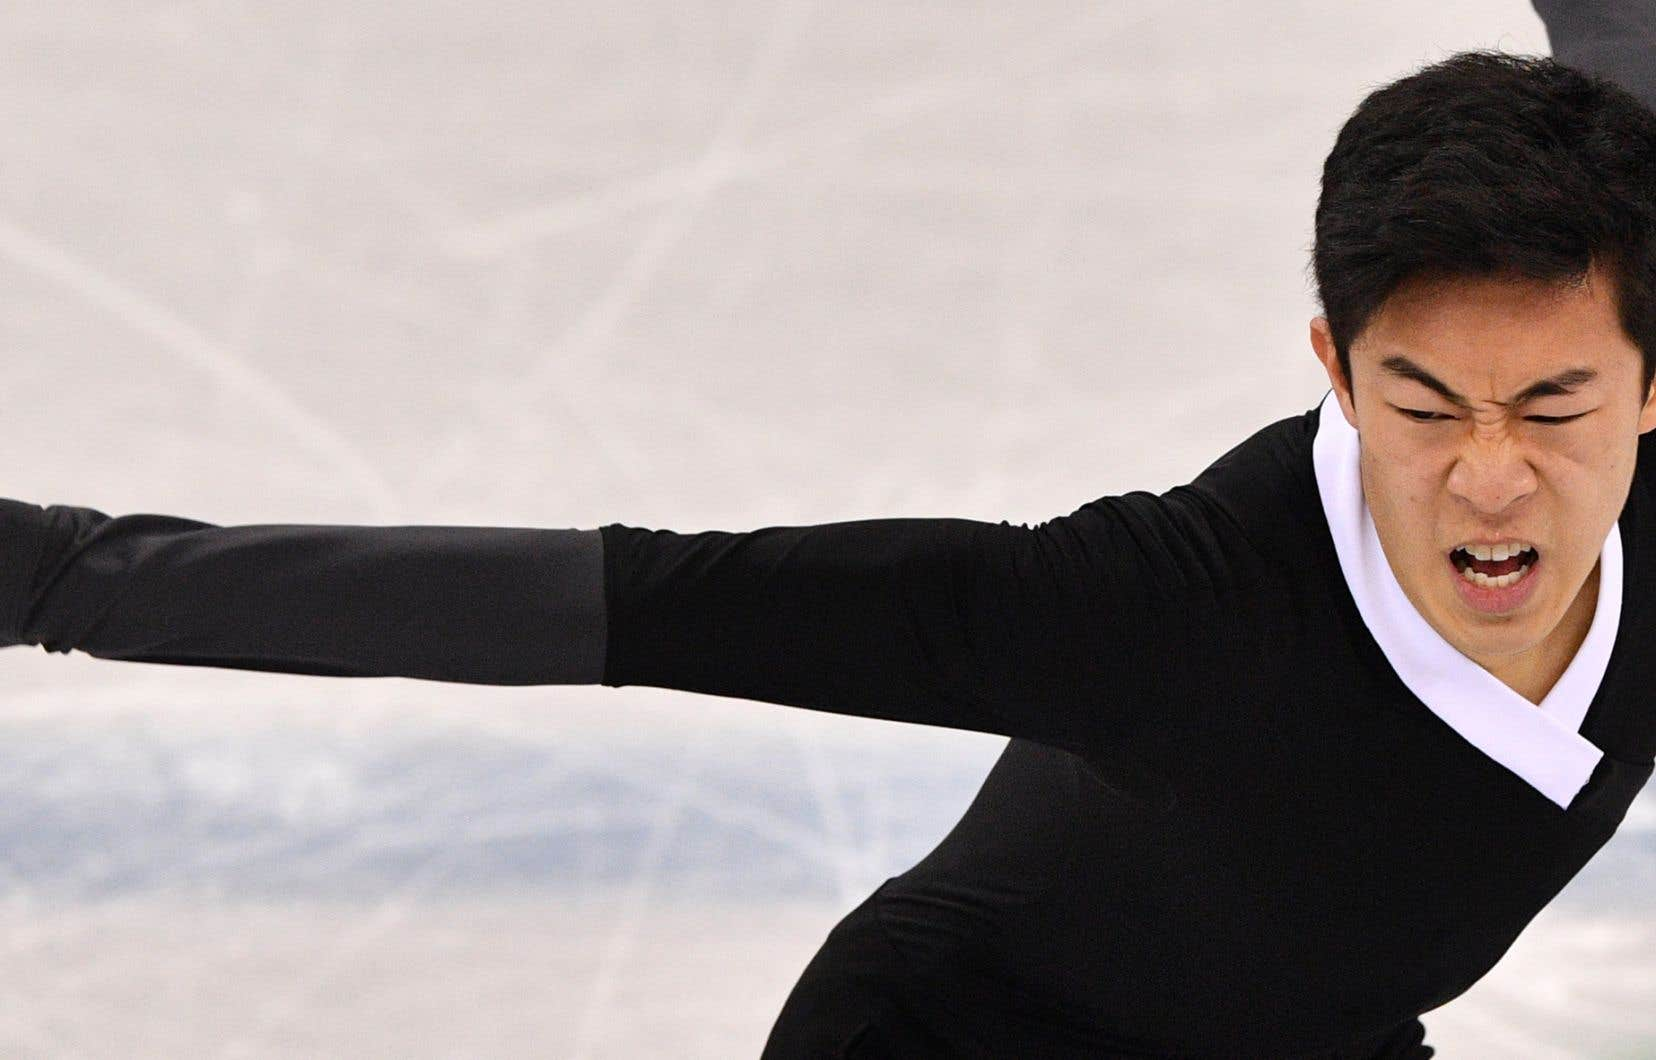 Nathan Chen aux Jeux de Pyeongchang. Ses principaux adversaires à Skate America seront son compatriote Vincent Zhou ainsi que le Russe Sergei Voronov.